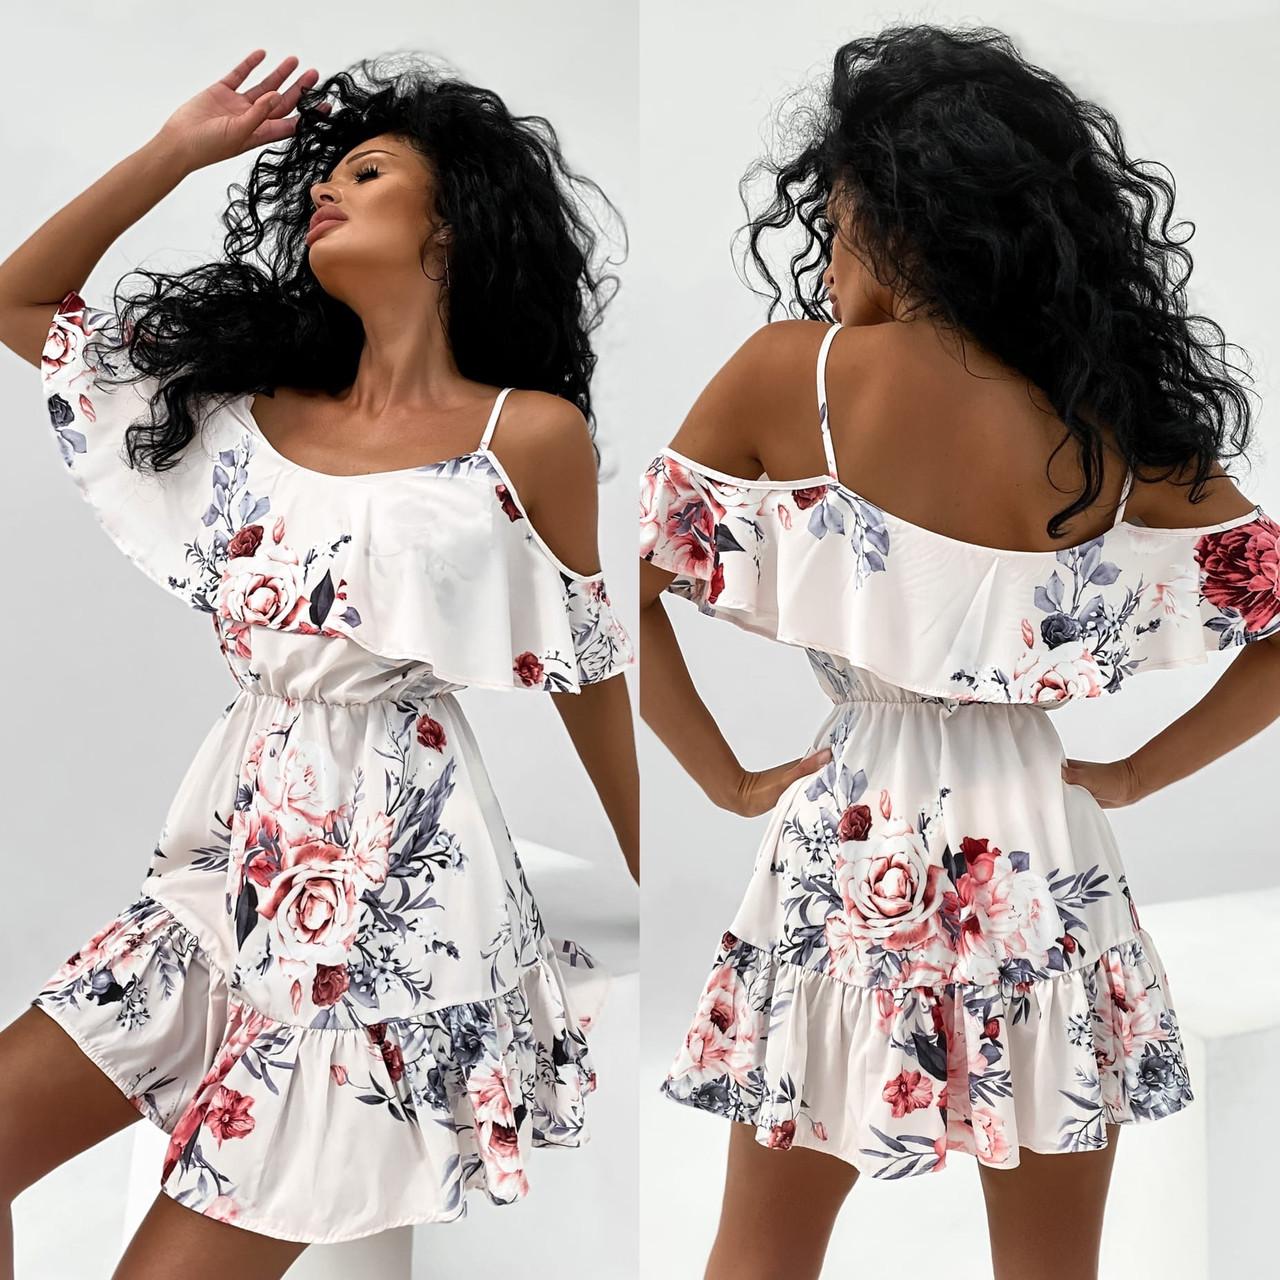 Жіноче плаття коротке з воланами, талія на резинці, відкриті плечі